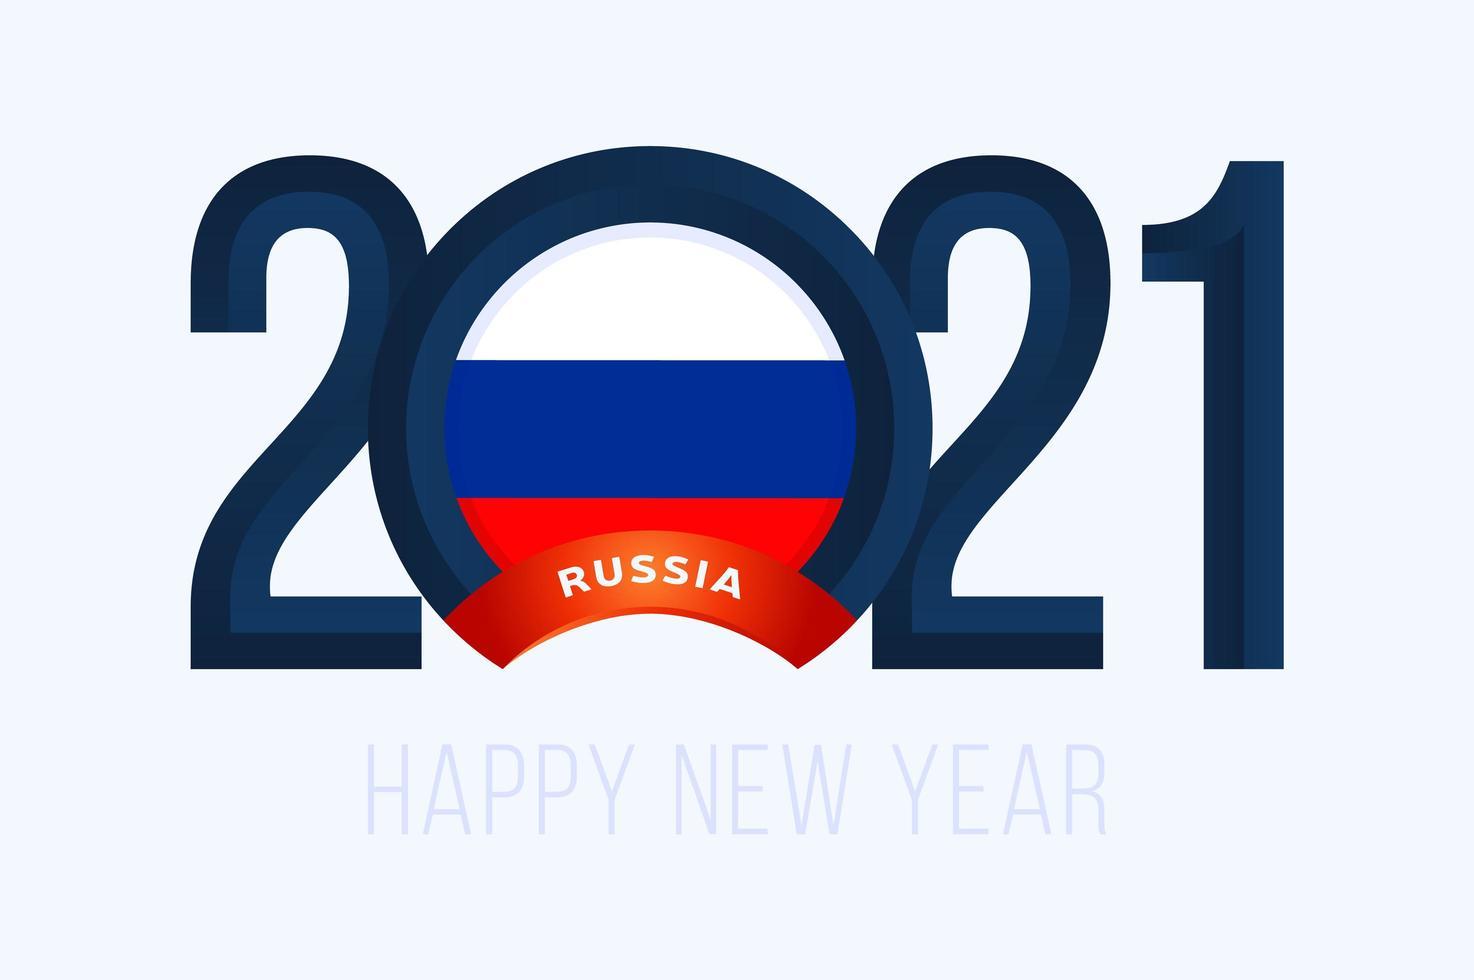 nytt år 2021 typografi med rysslands flagga vektor